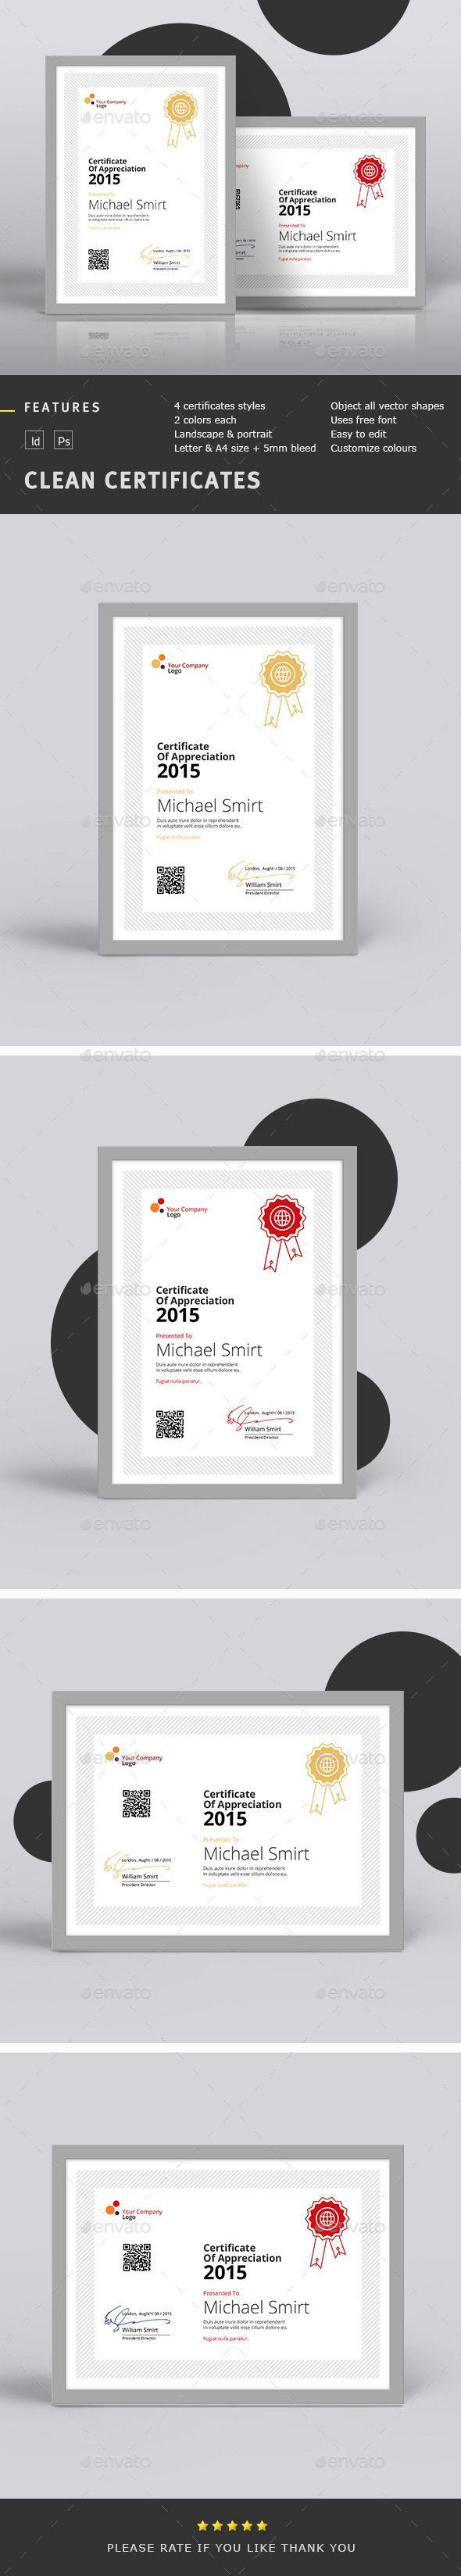 17 Best ideas about Certificate Templates – Corporate Certificate Template